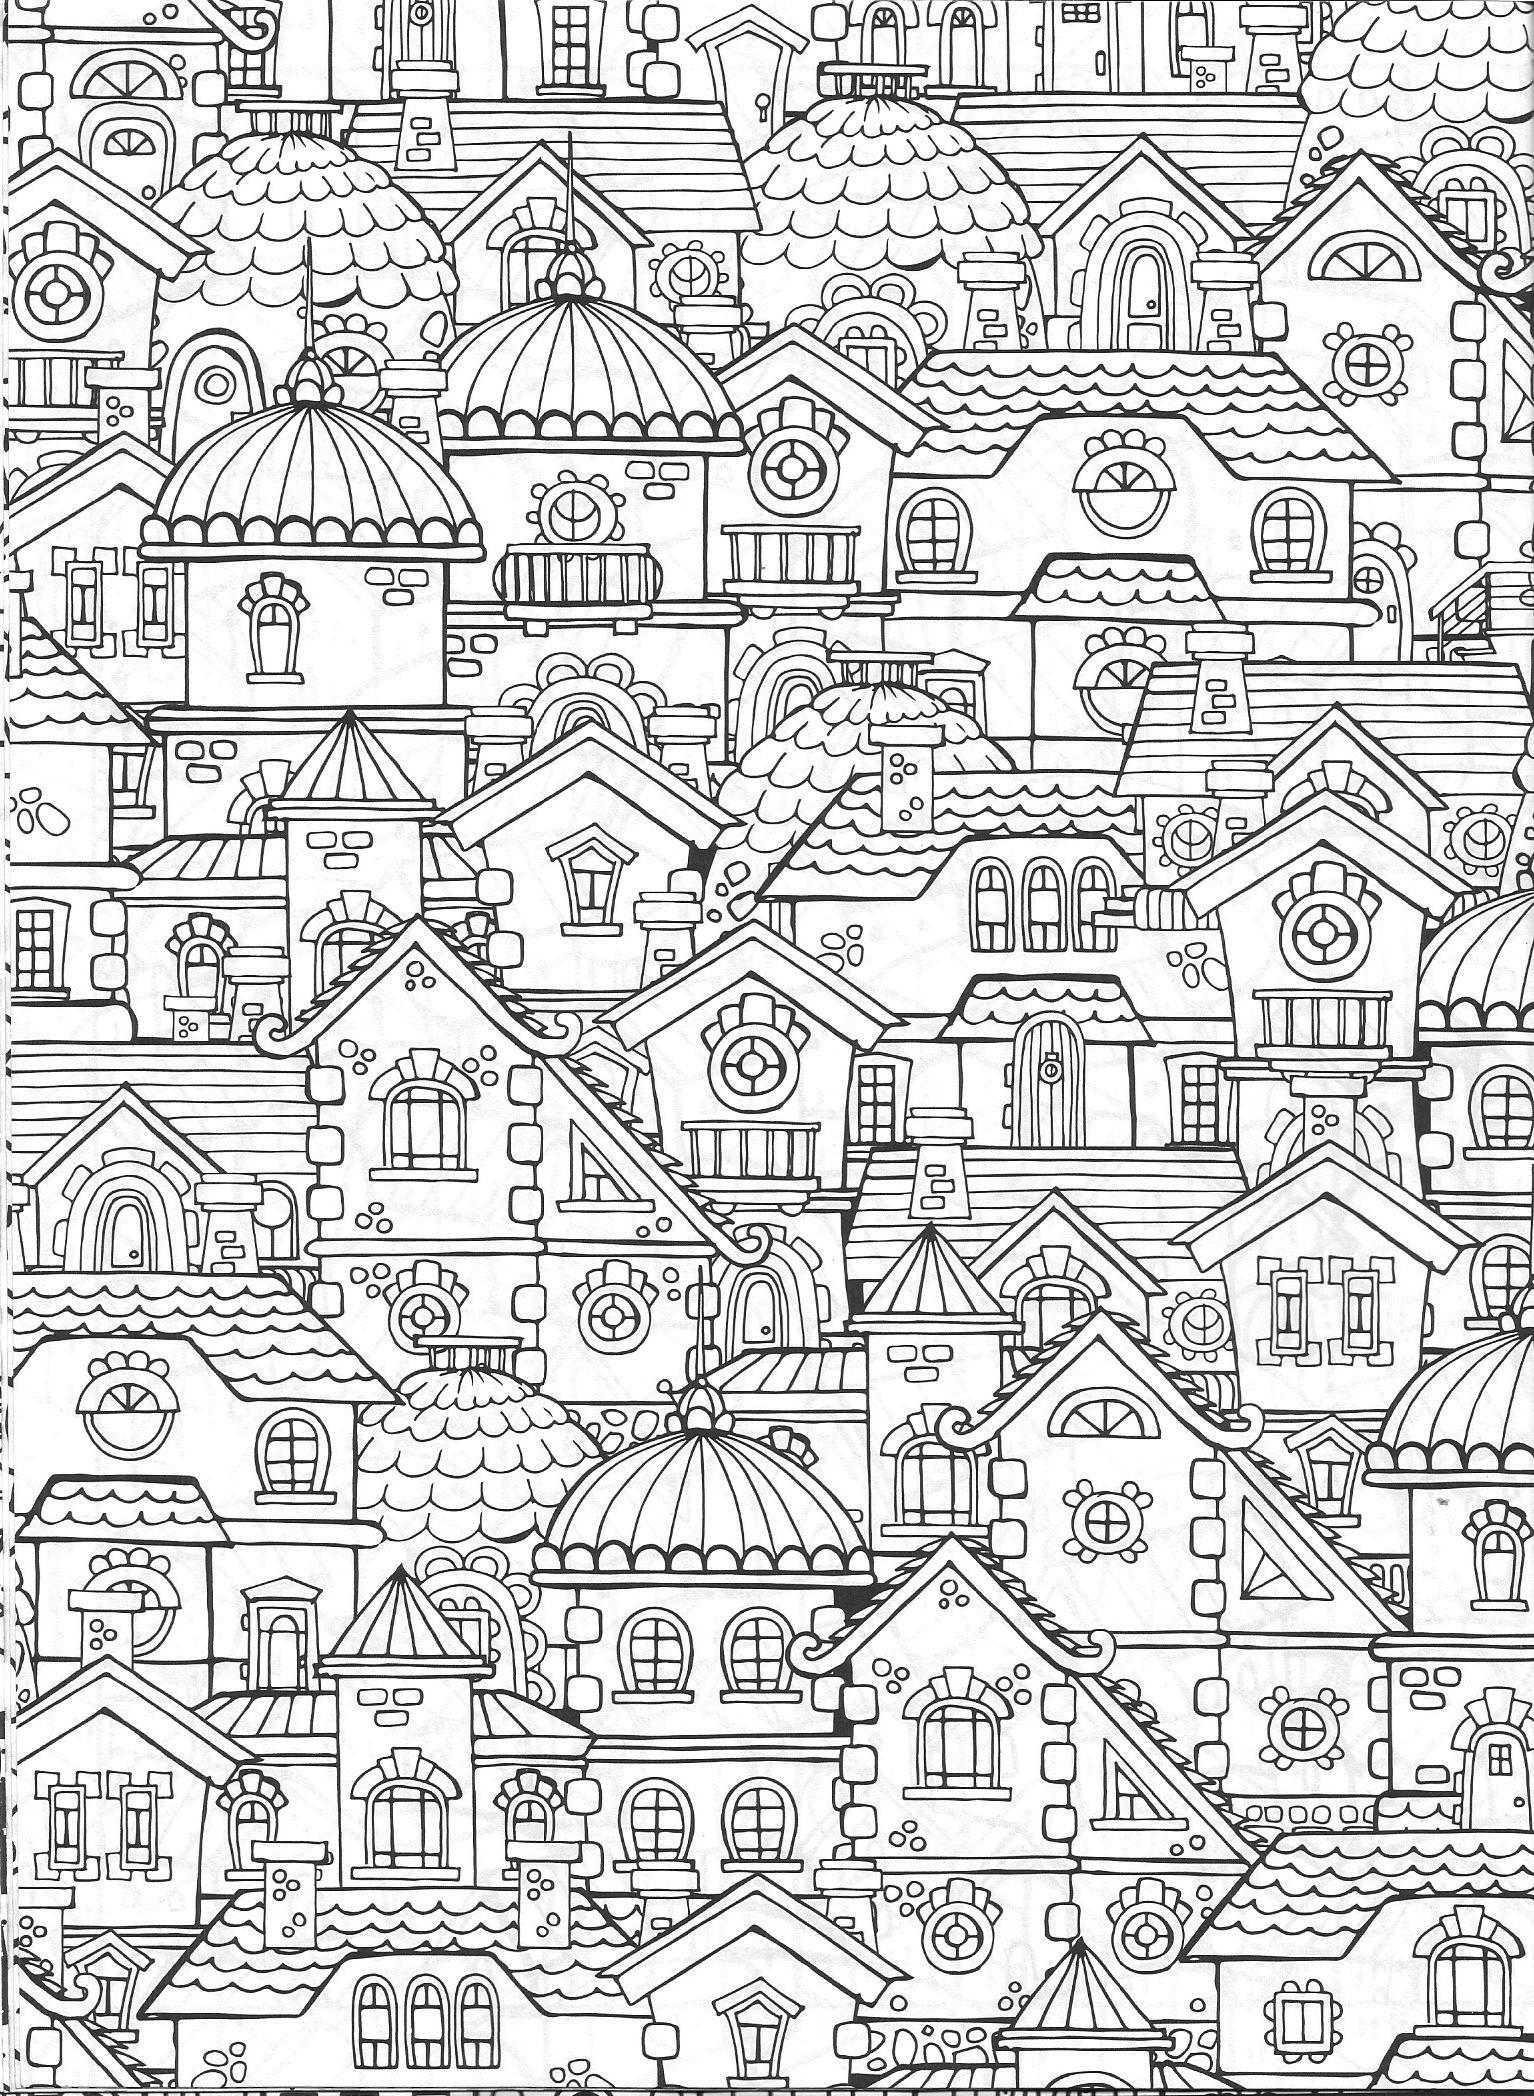 Vida Simples Cidade dos Sonhos | MalVorlagen | Pinterest ...